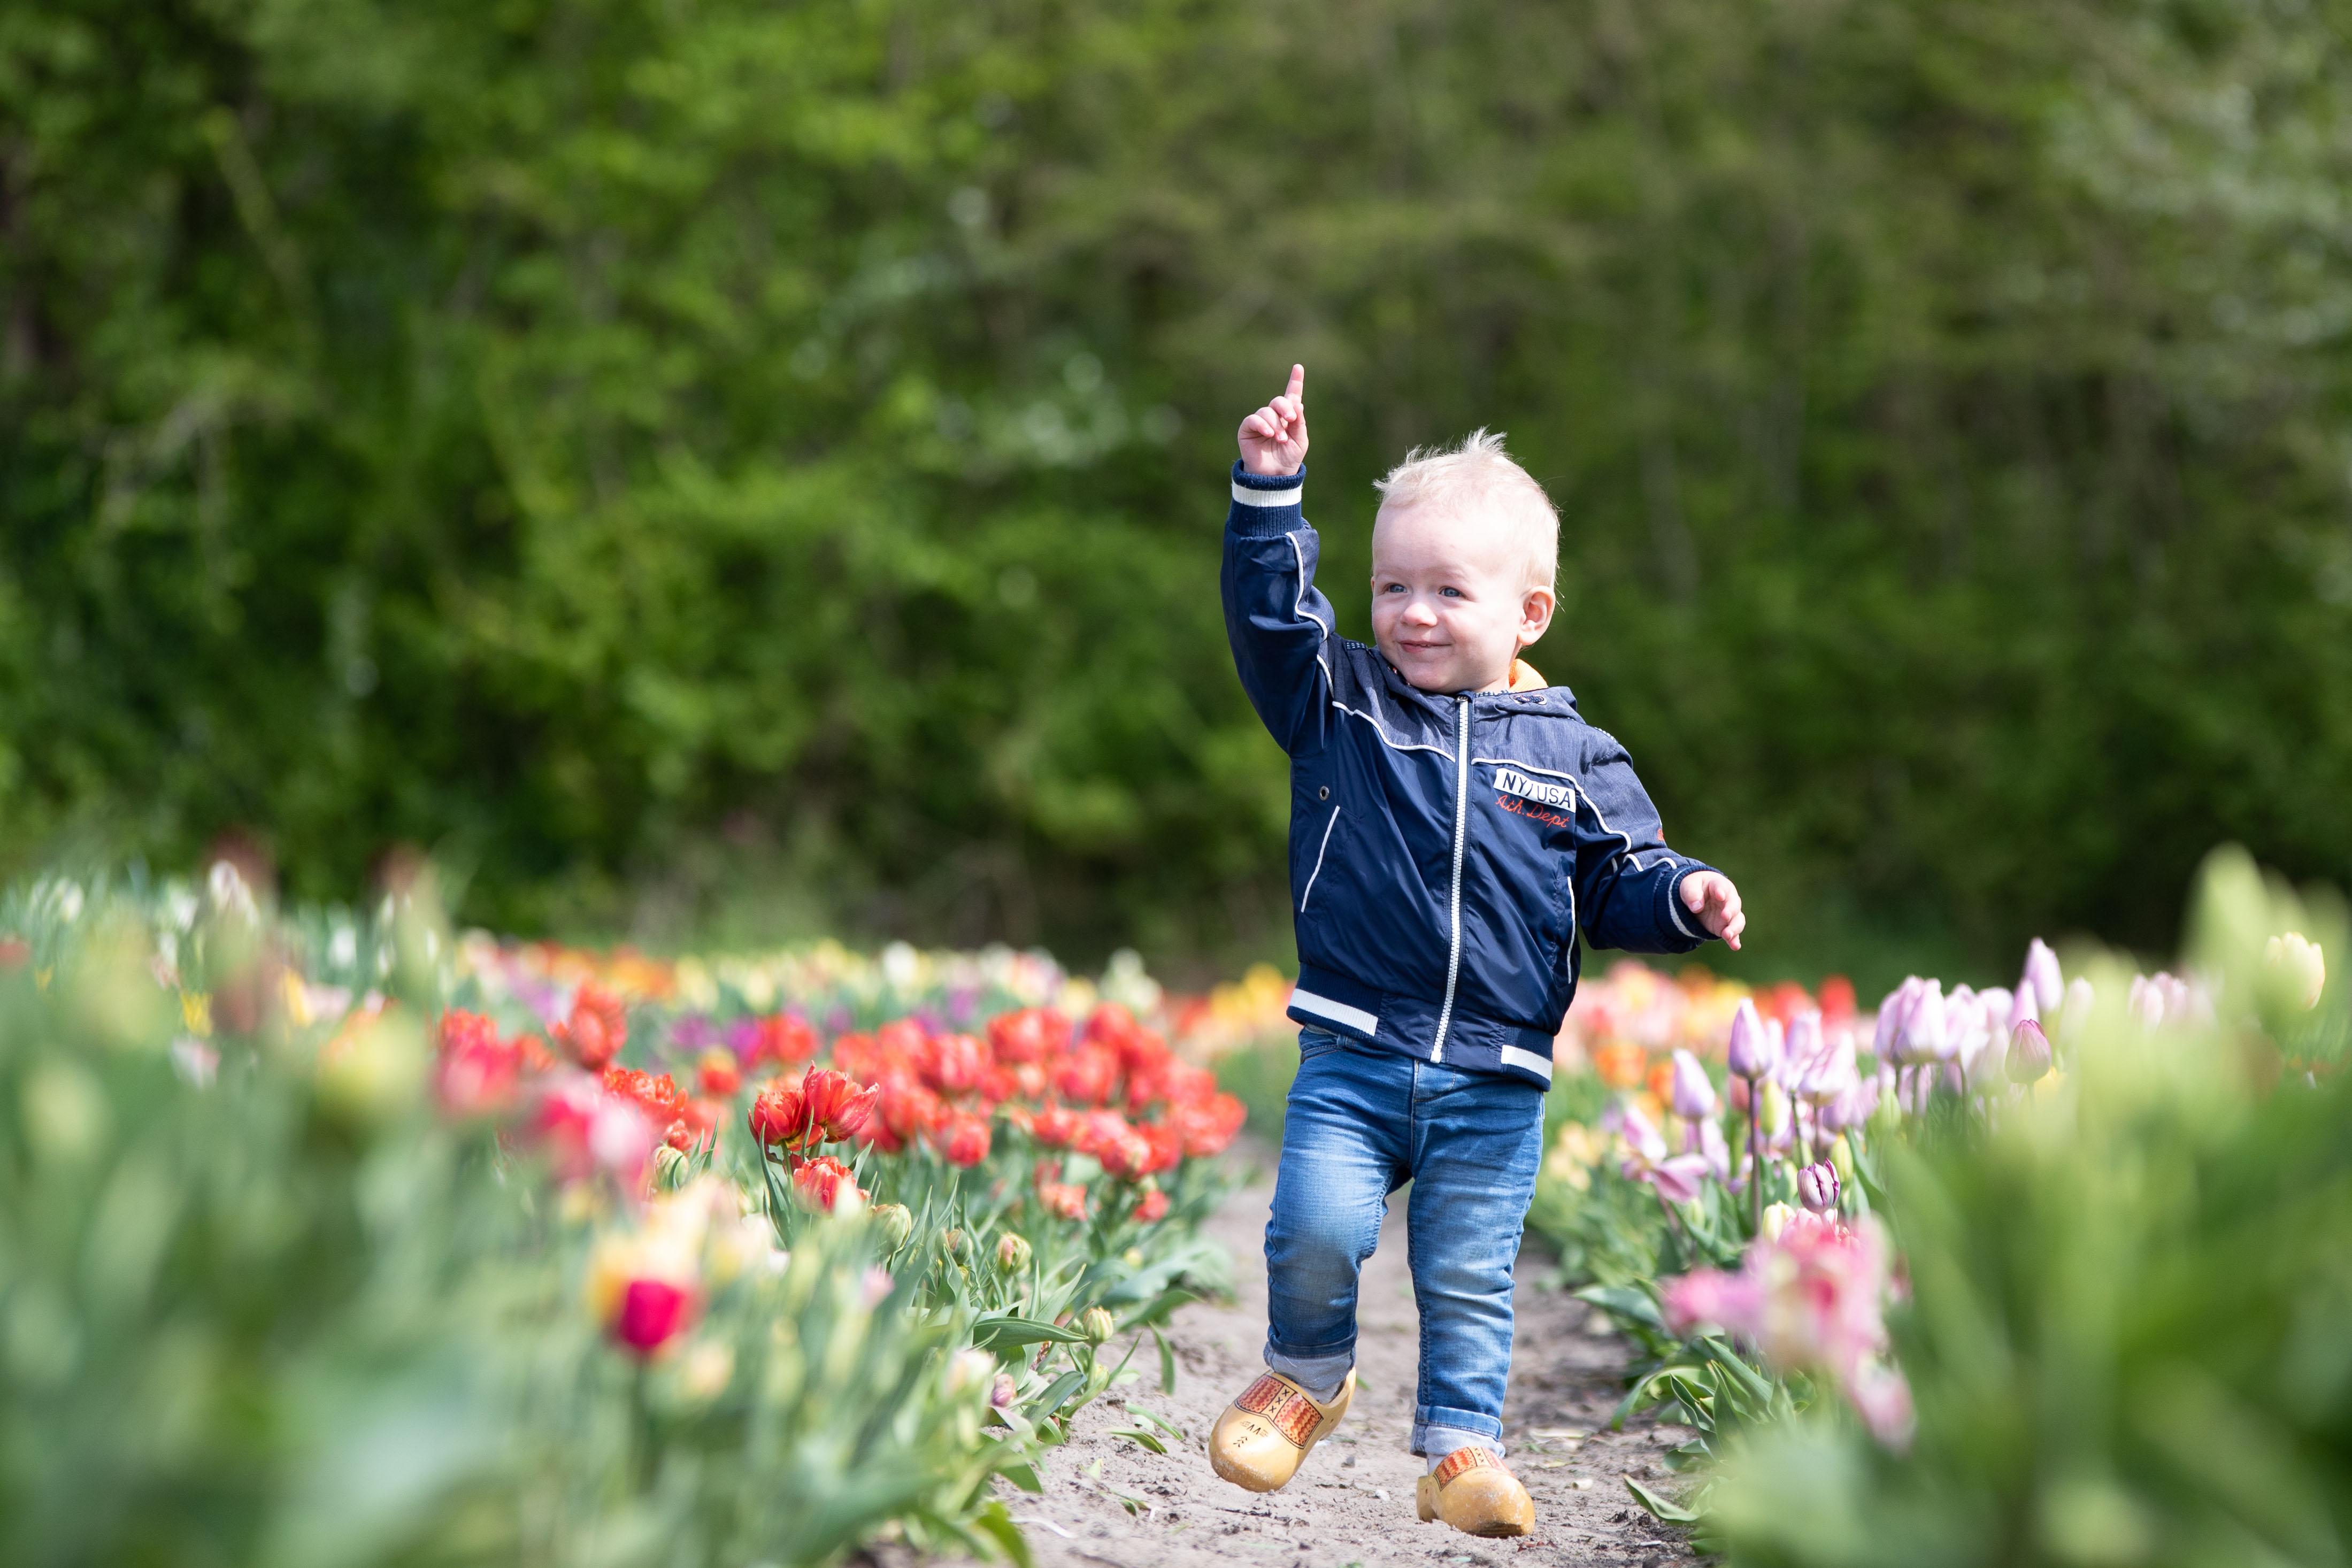 Marleen Verheul Fotografie, kinderfotografie, jongetje met klompen tussen de tulpen